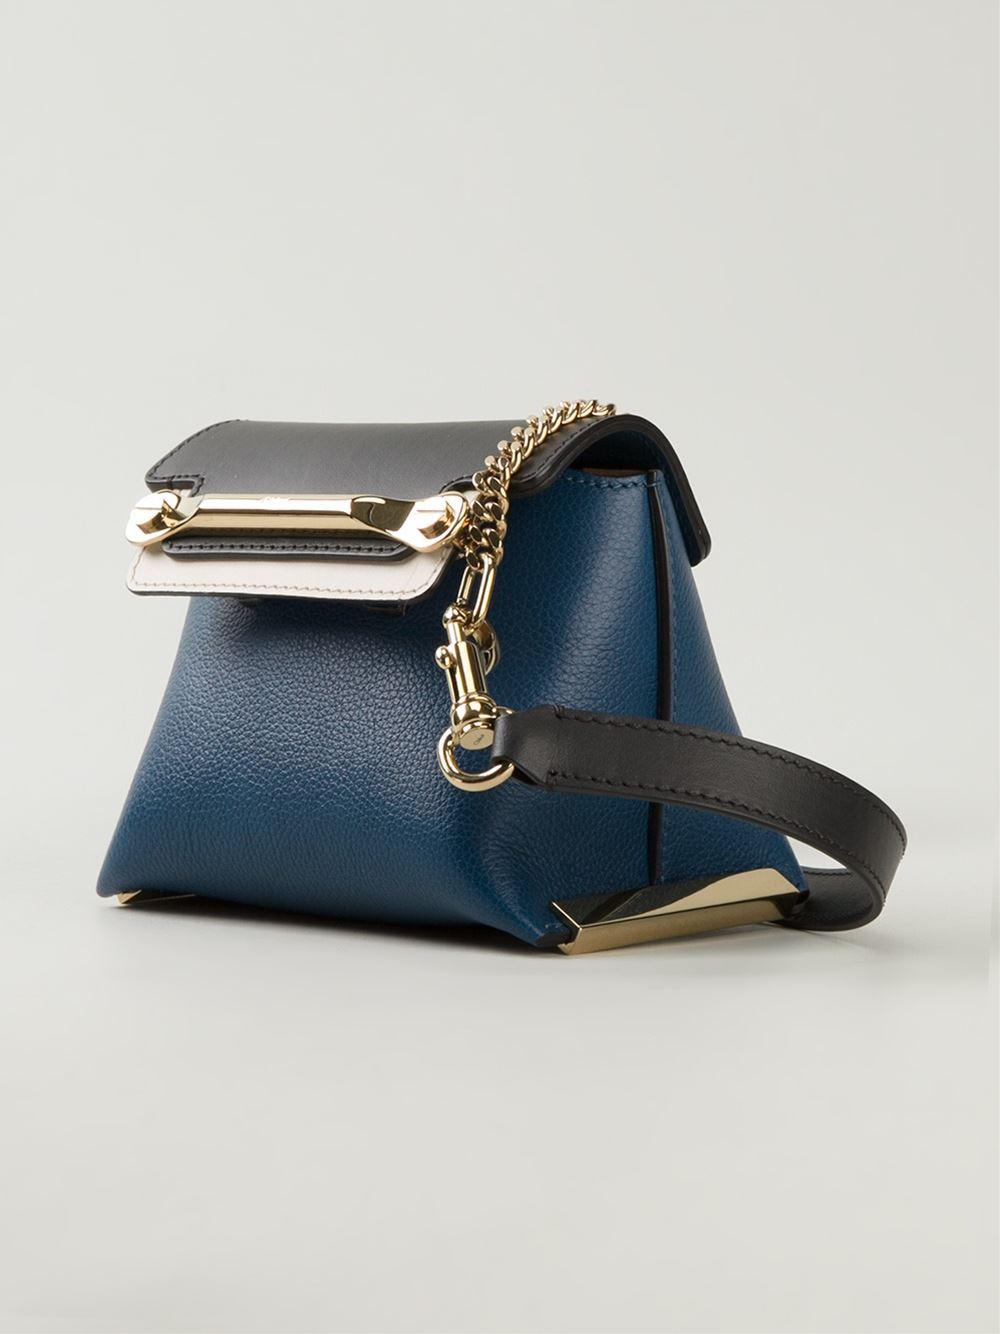 Chloé 'Clare' Cross Body Bag in Blue